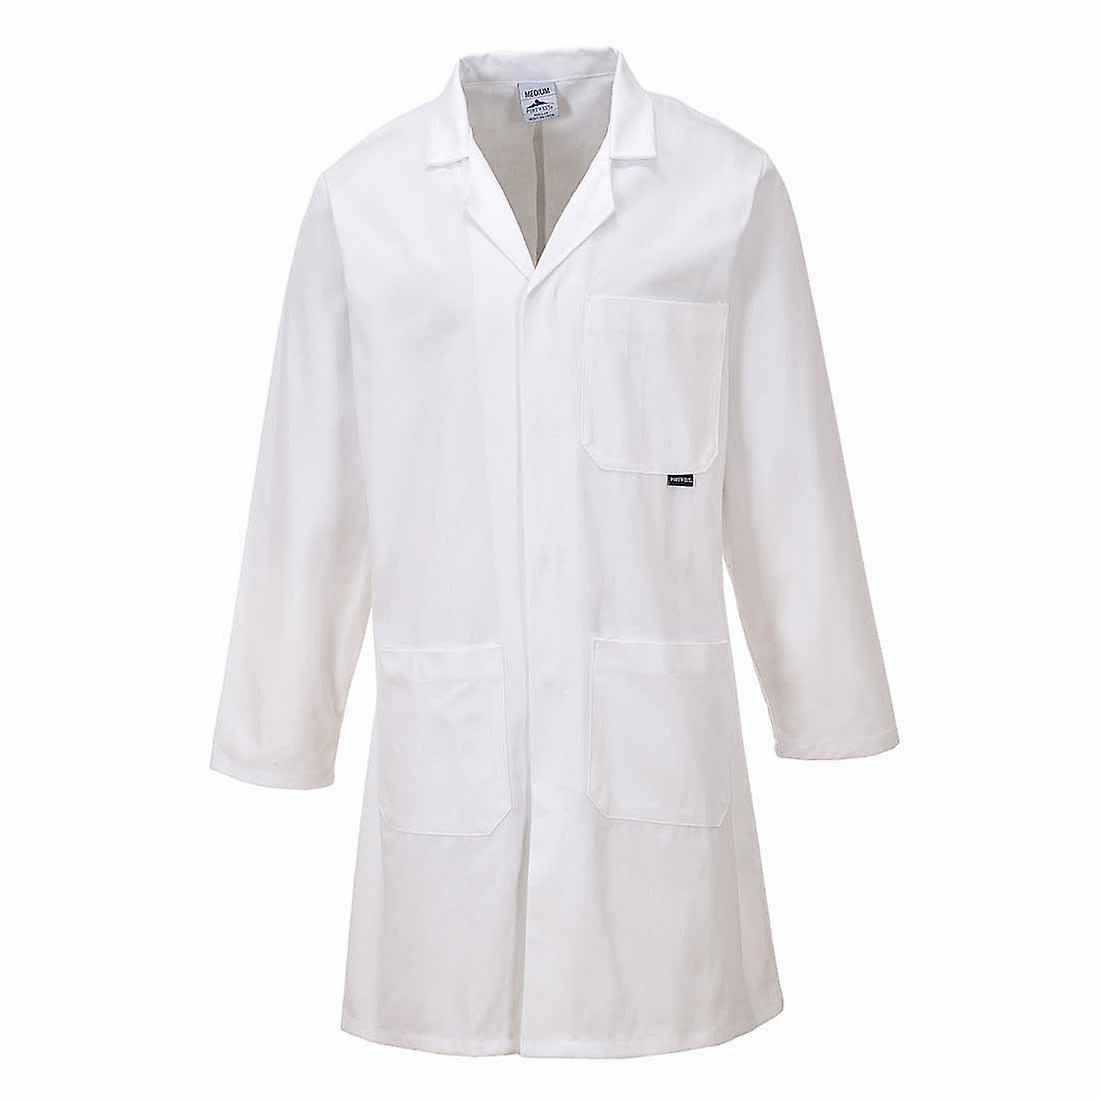 Portwest - Workwear Standard Lab - Medical-Food Prep Coat 100% Cotton